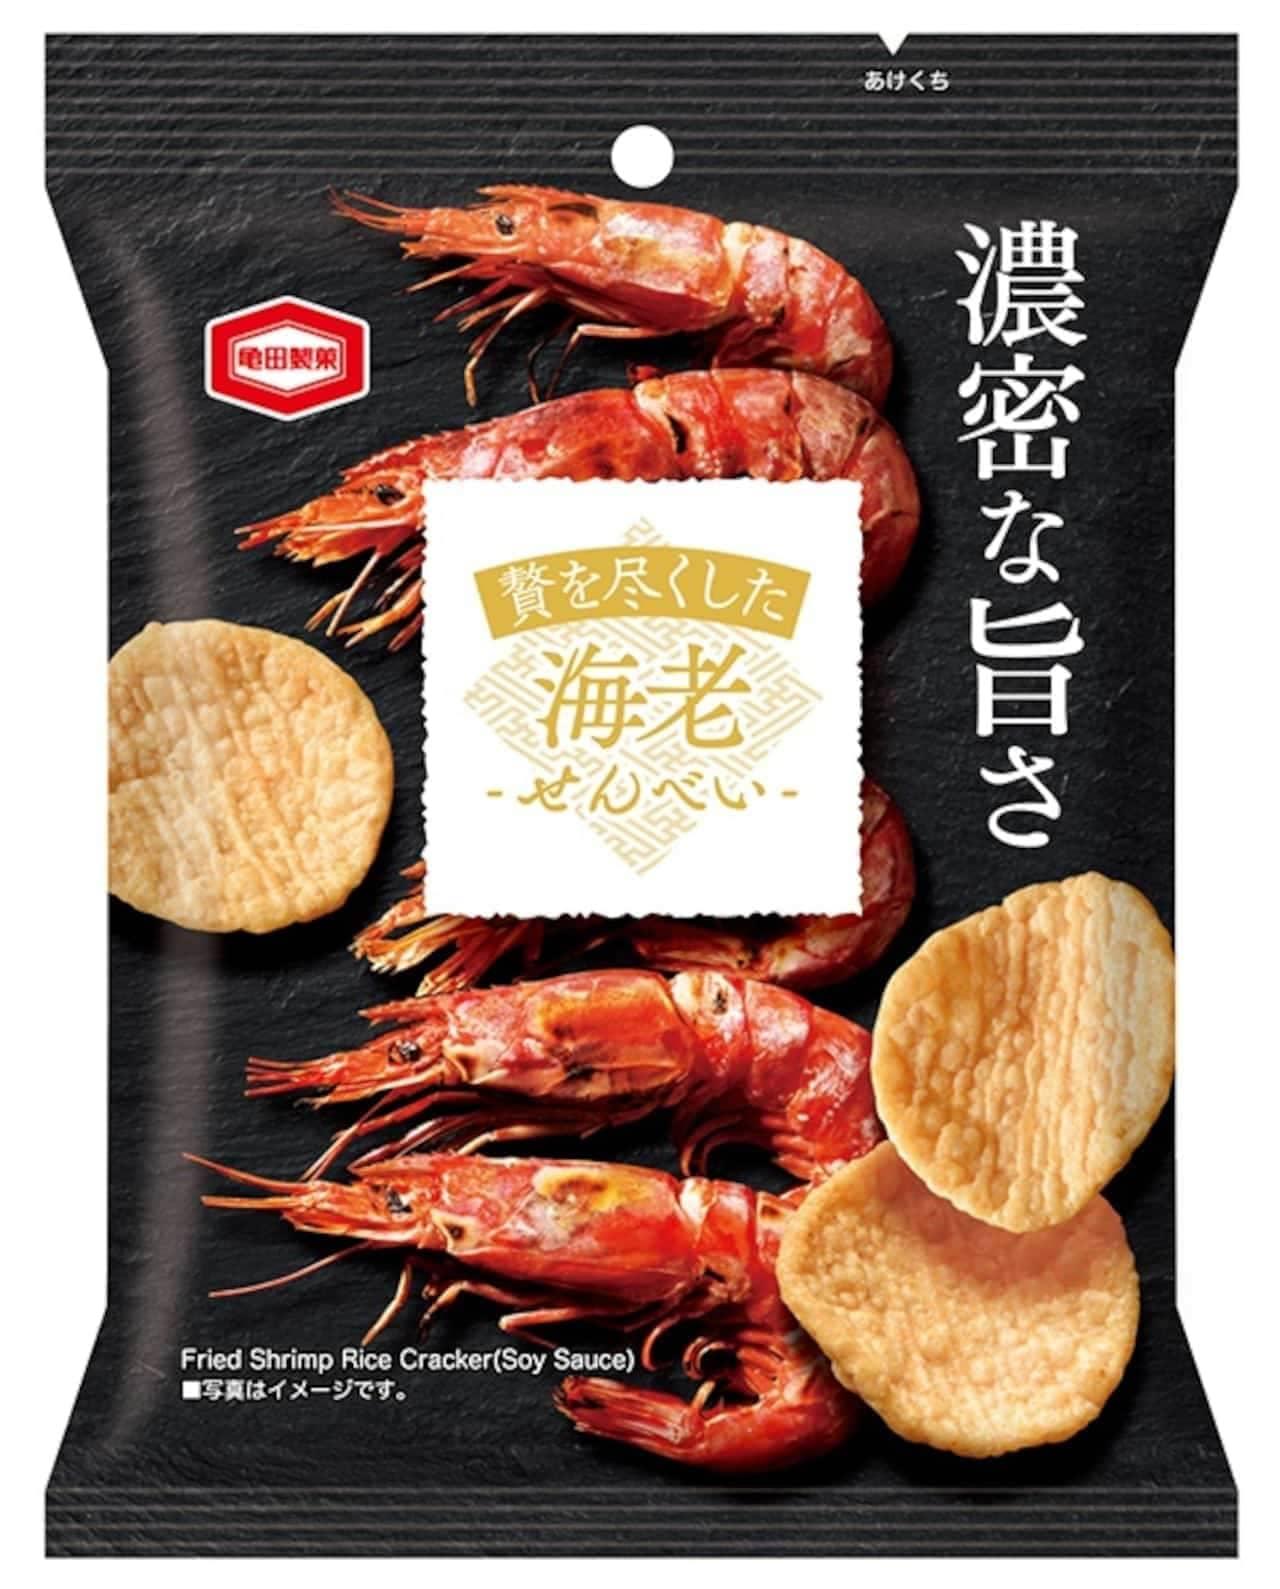 亀田製菓から「30g 贅を尽くした海老せんべい」